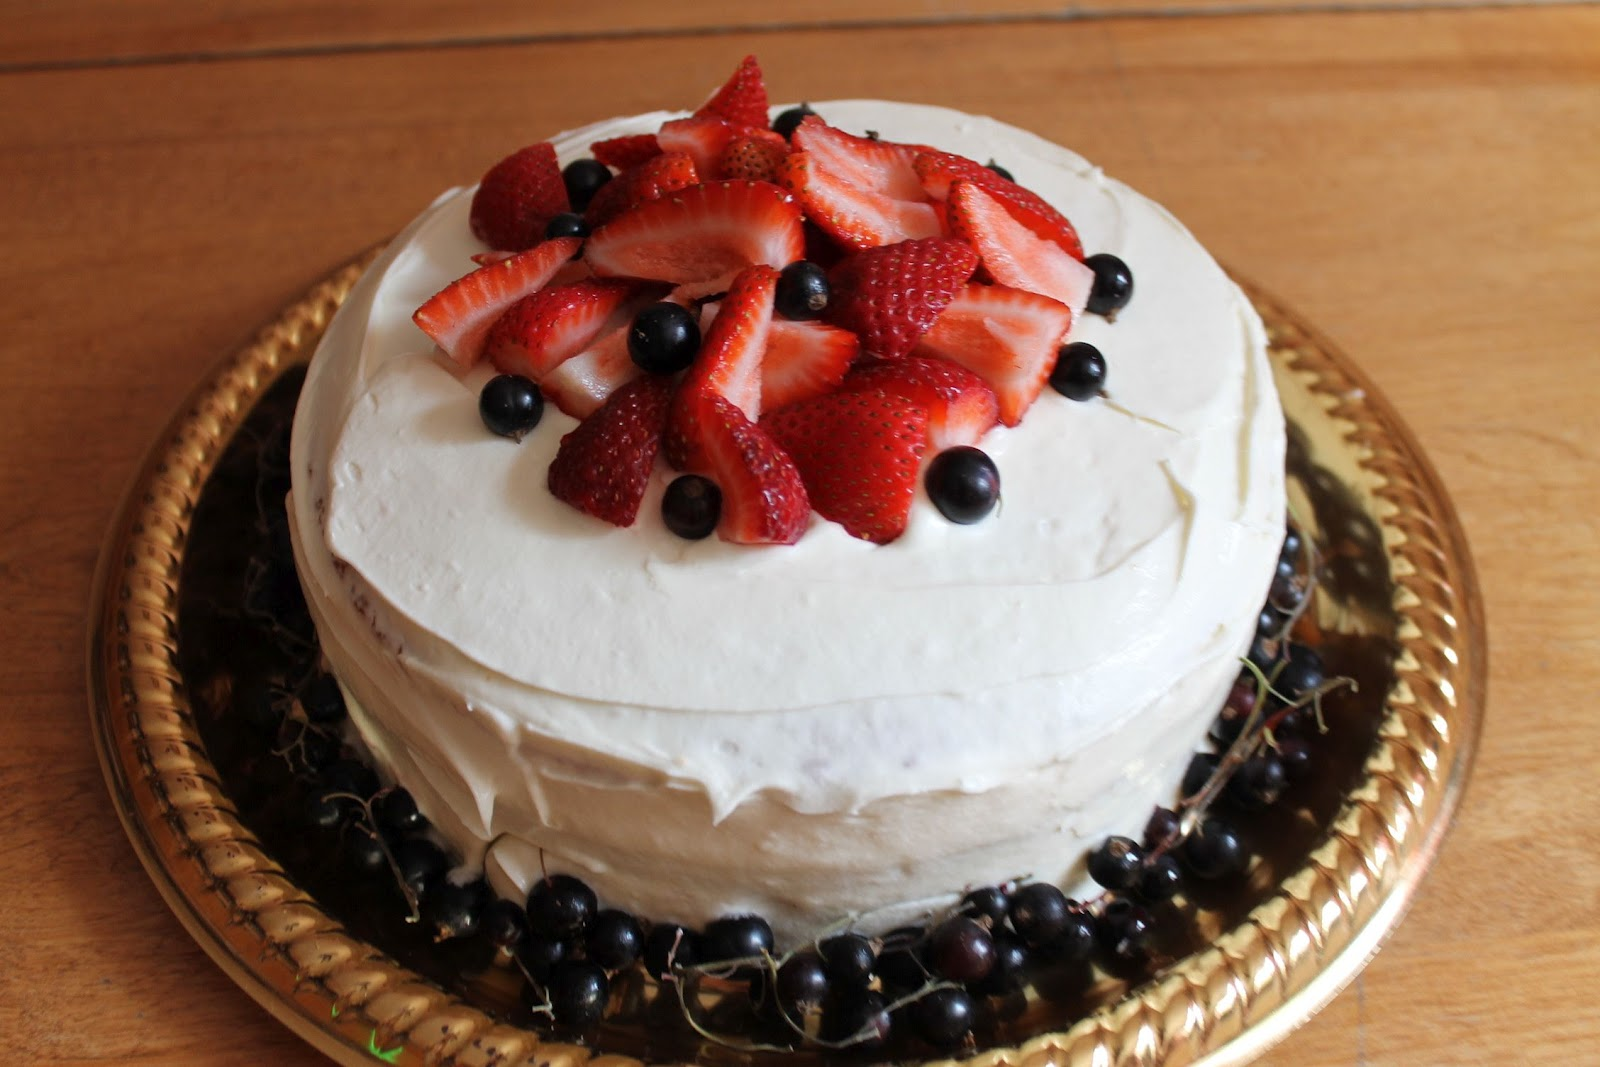 Recette Facile Cake V Ef Bf Bdg Ef Bf Bdtarien En Automne